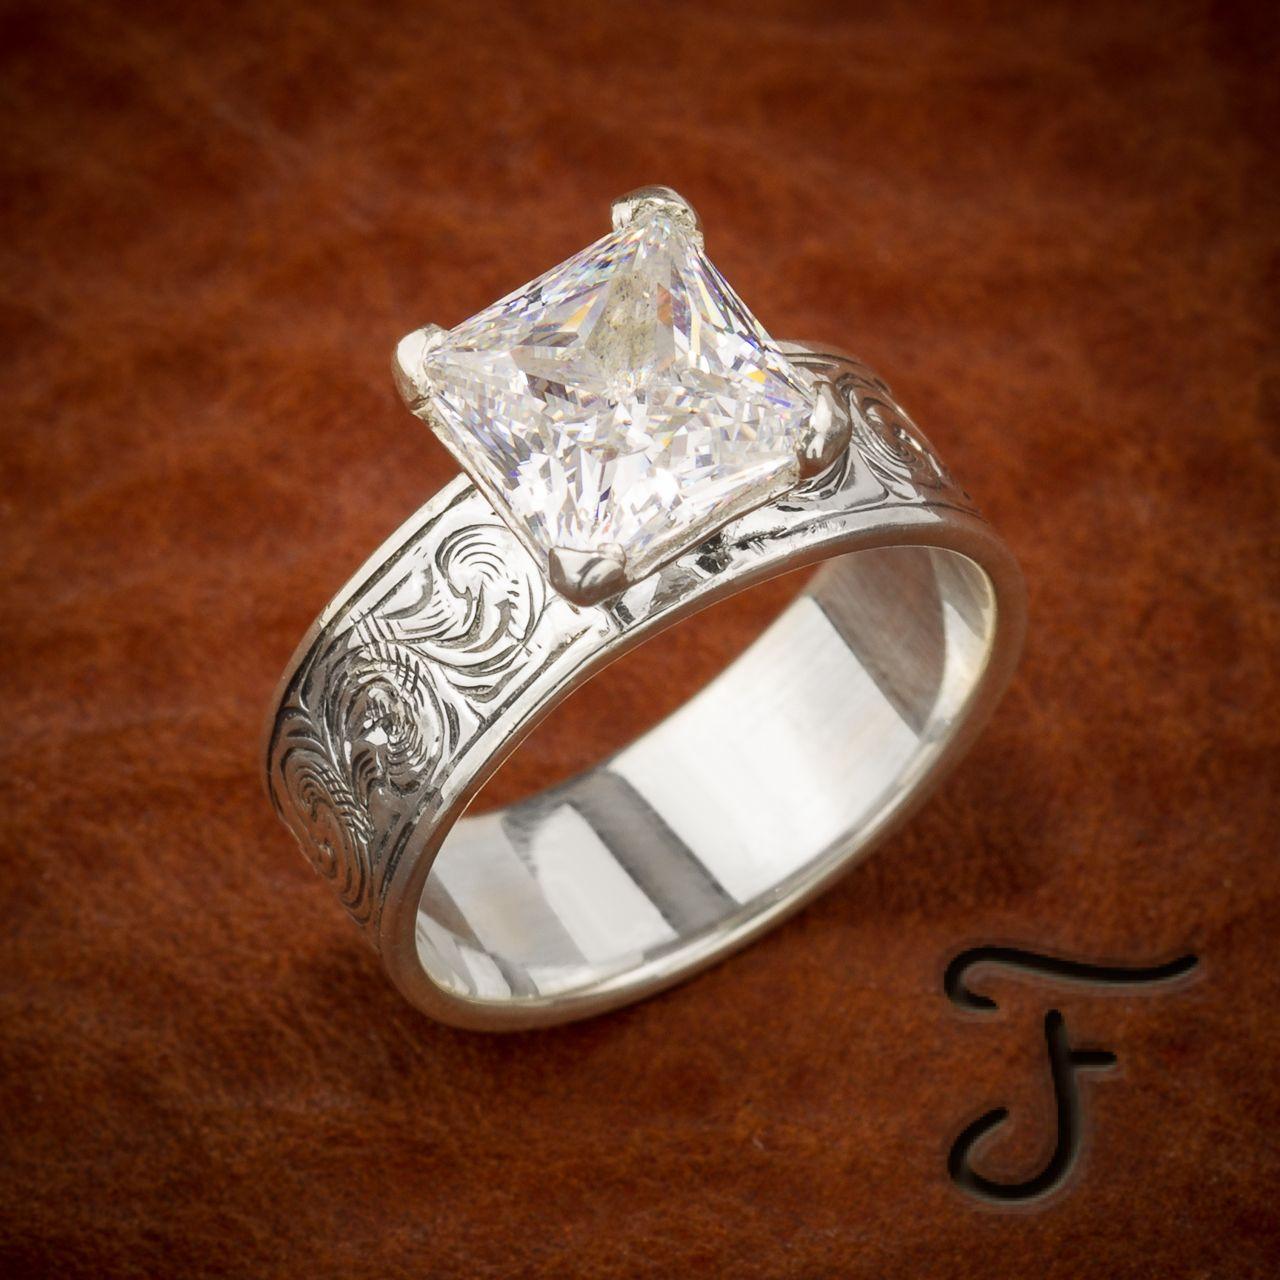 R20 Western wedding rings, Engagement rings, Wedding rings